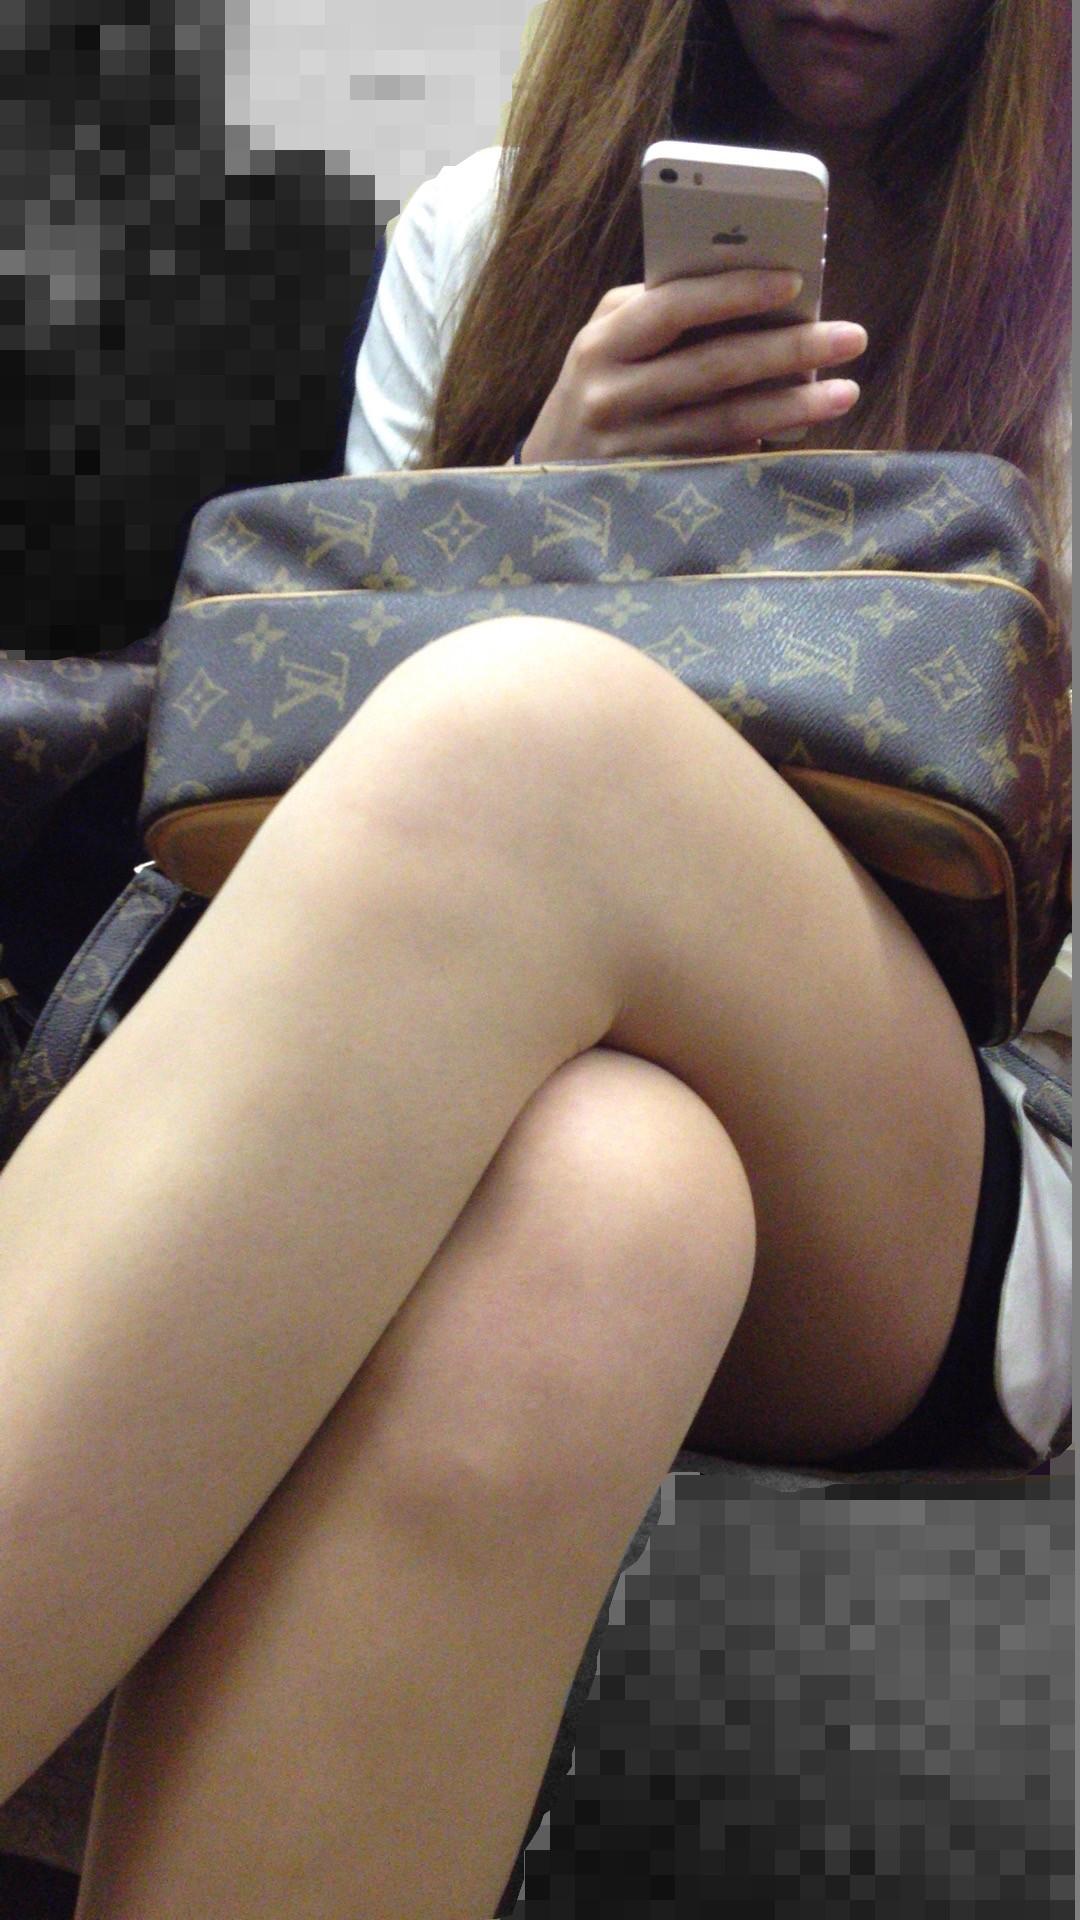 【美脚エロ画像】組むと余計にムッチリ際立つwパンツ度外視で電車内の太ももwww 23